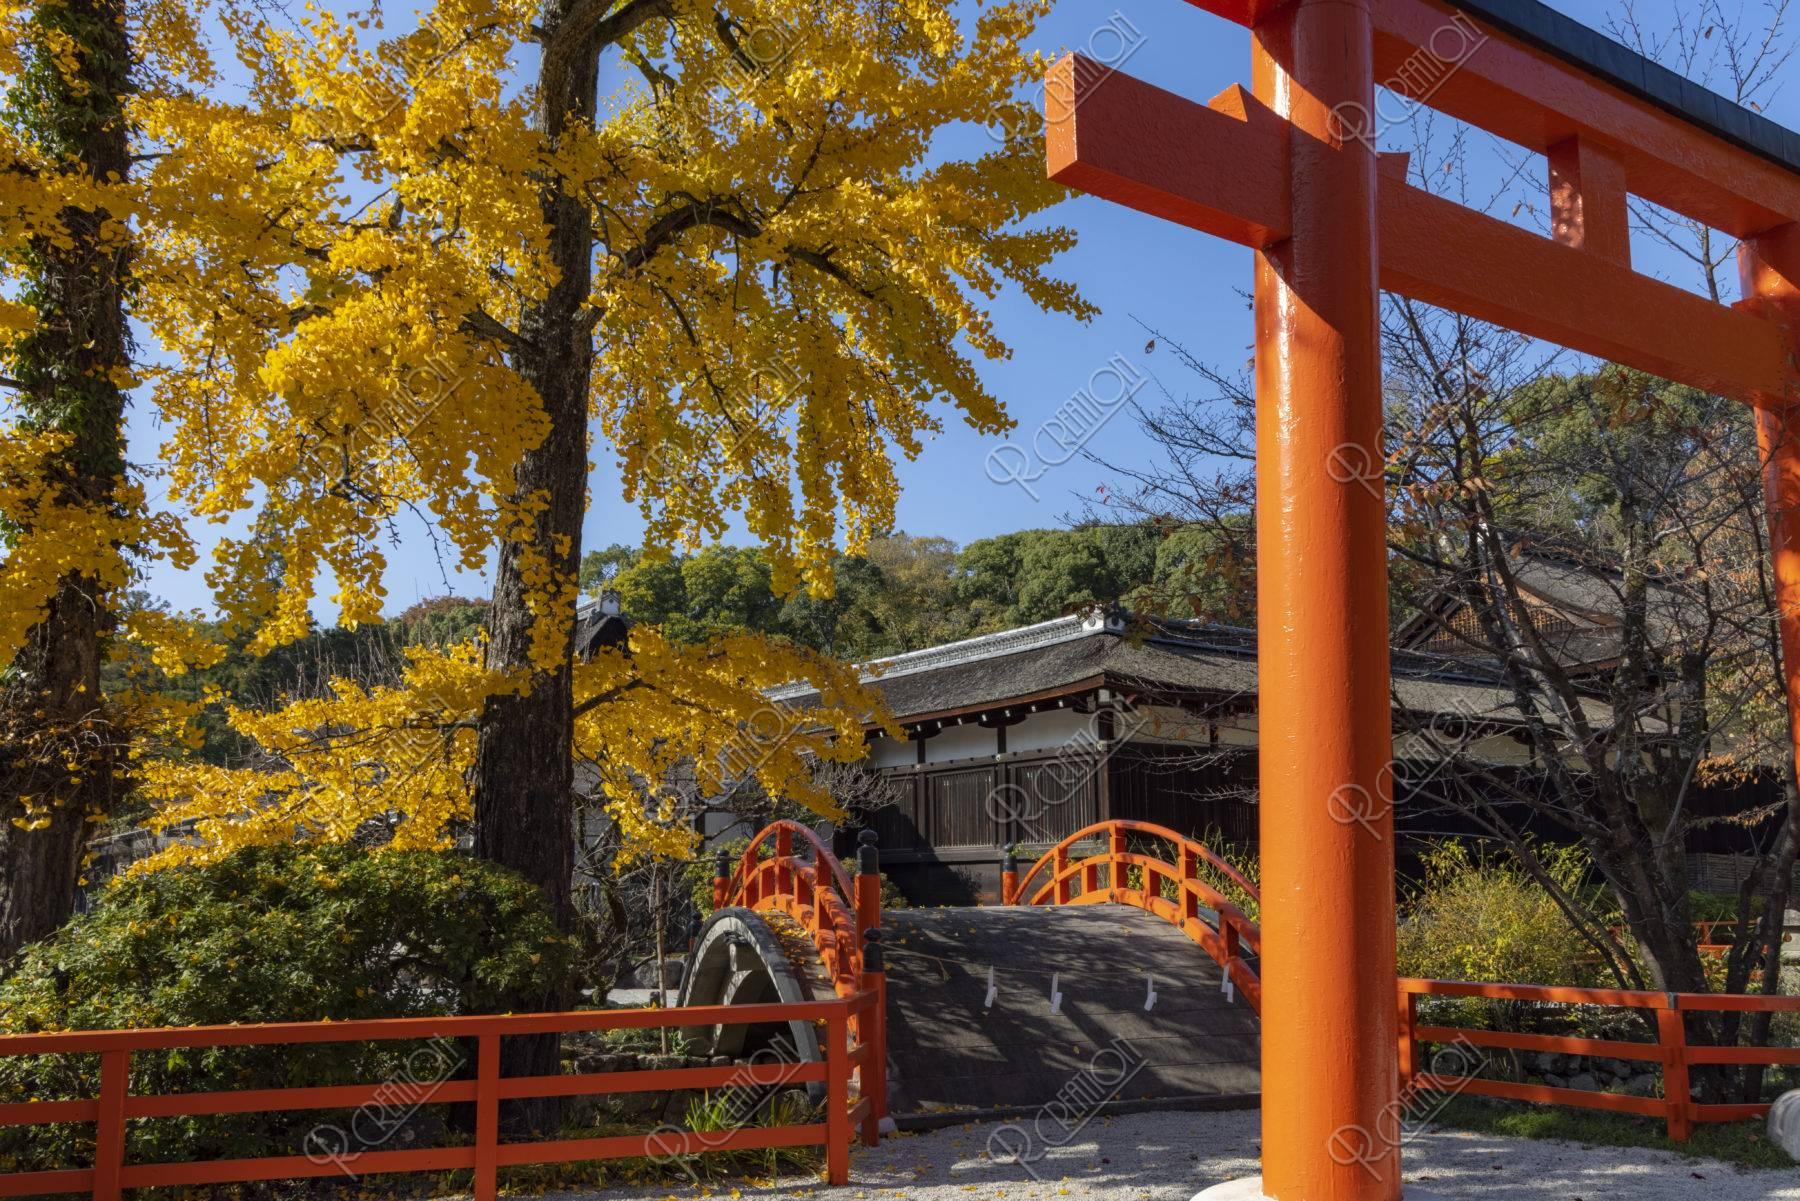 下鴨神社 鳥居と銀杏